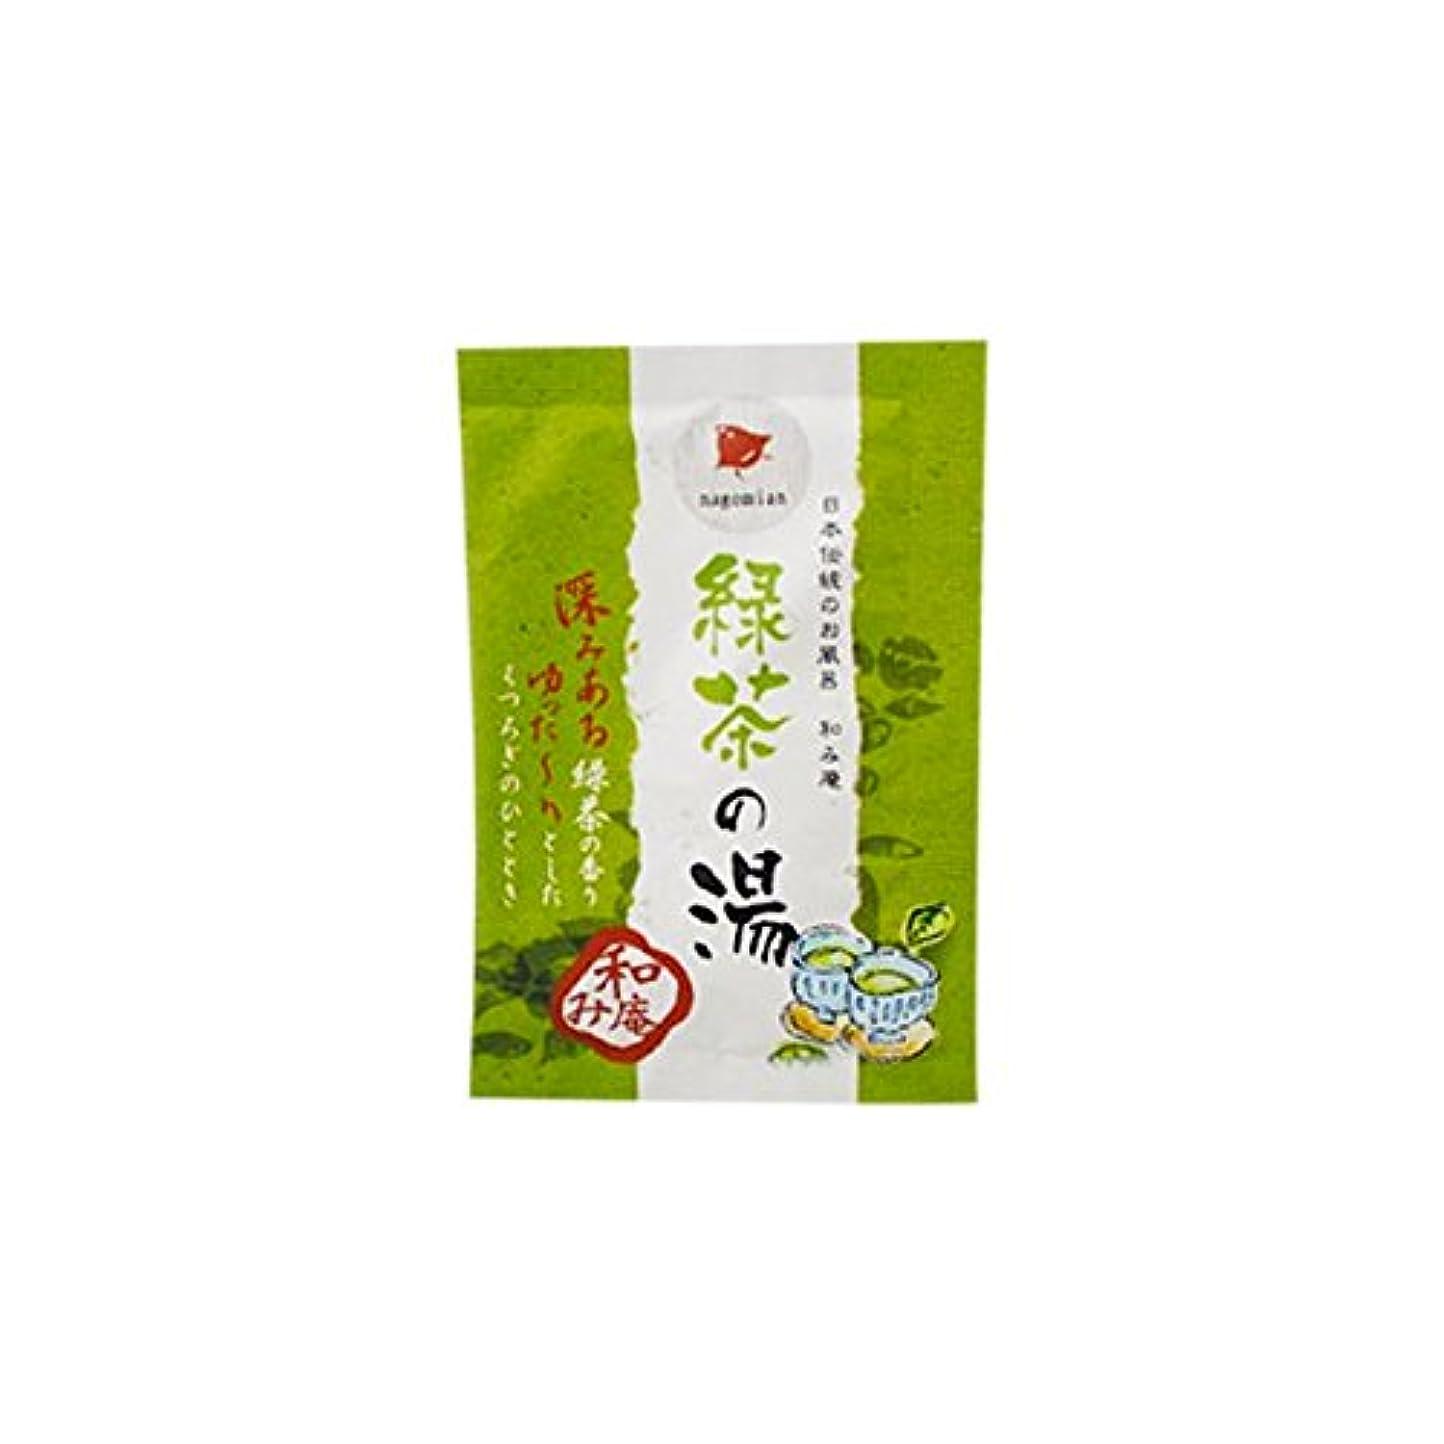 該当する祝福する精通した和み庵 入浴剤 「緑茶の湯」30個